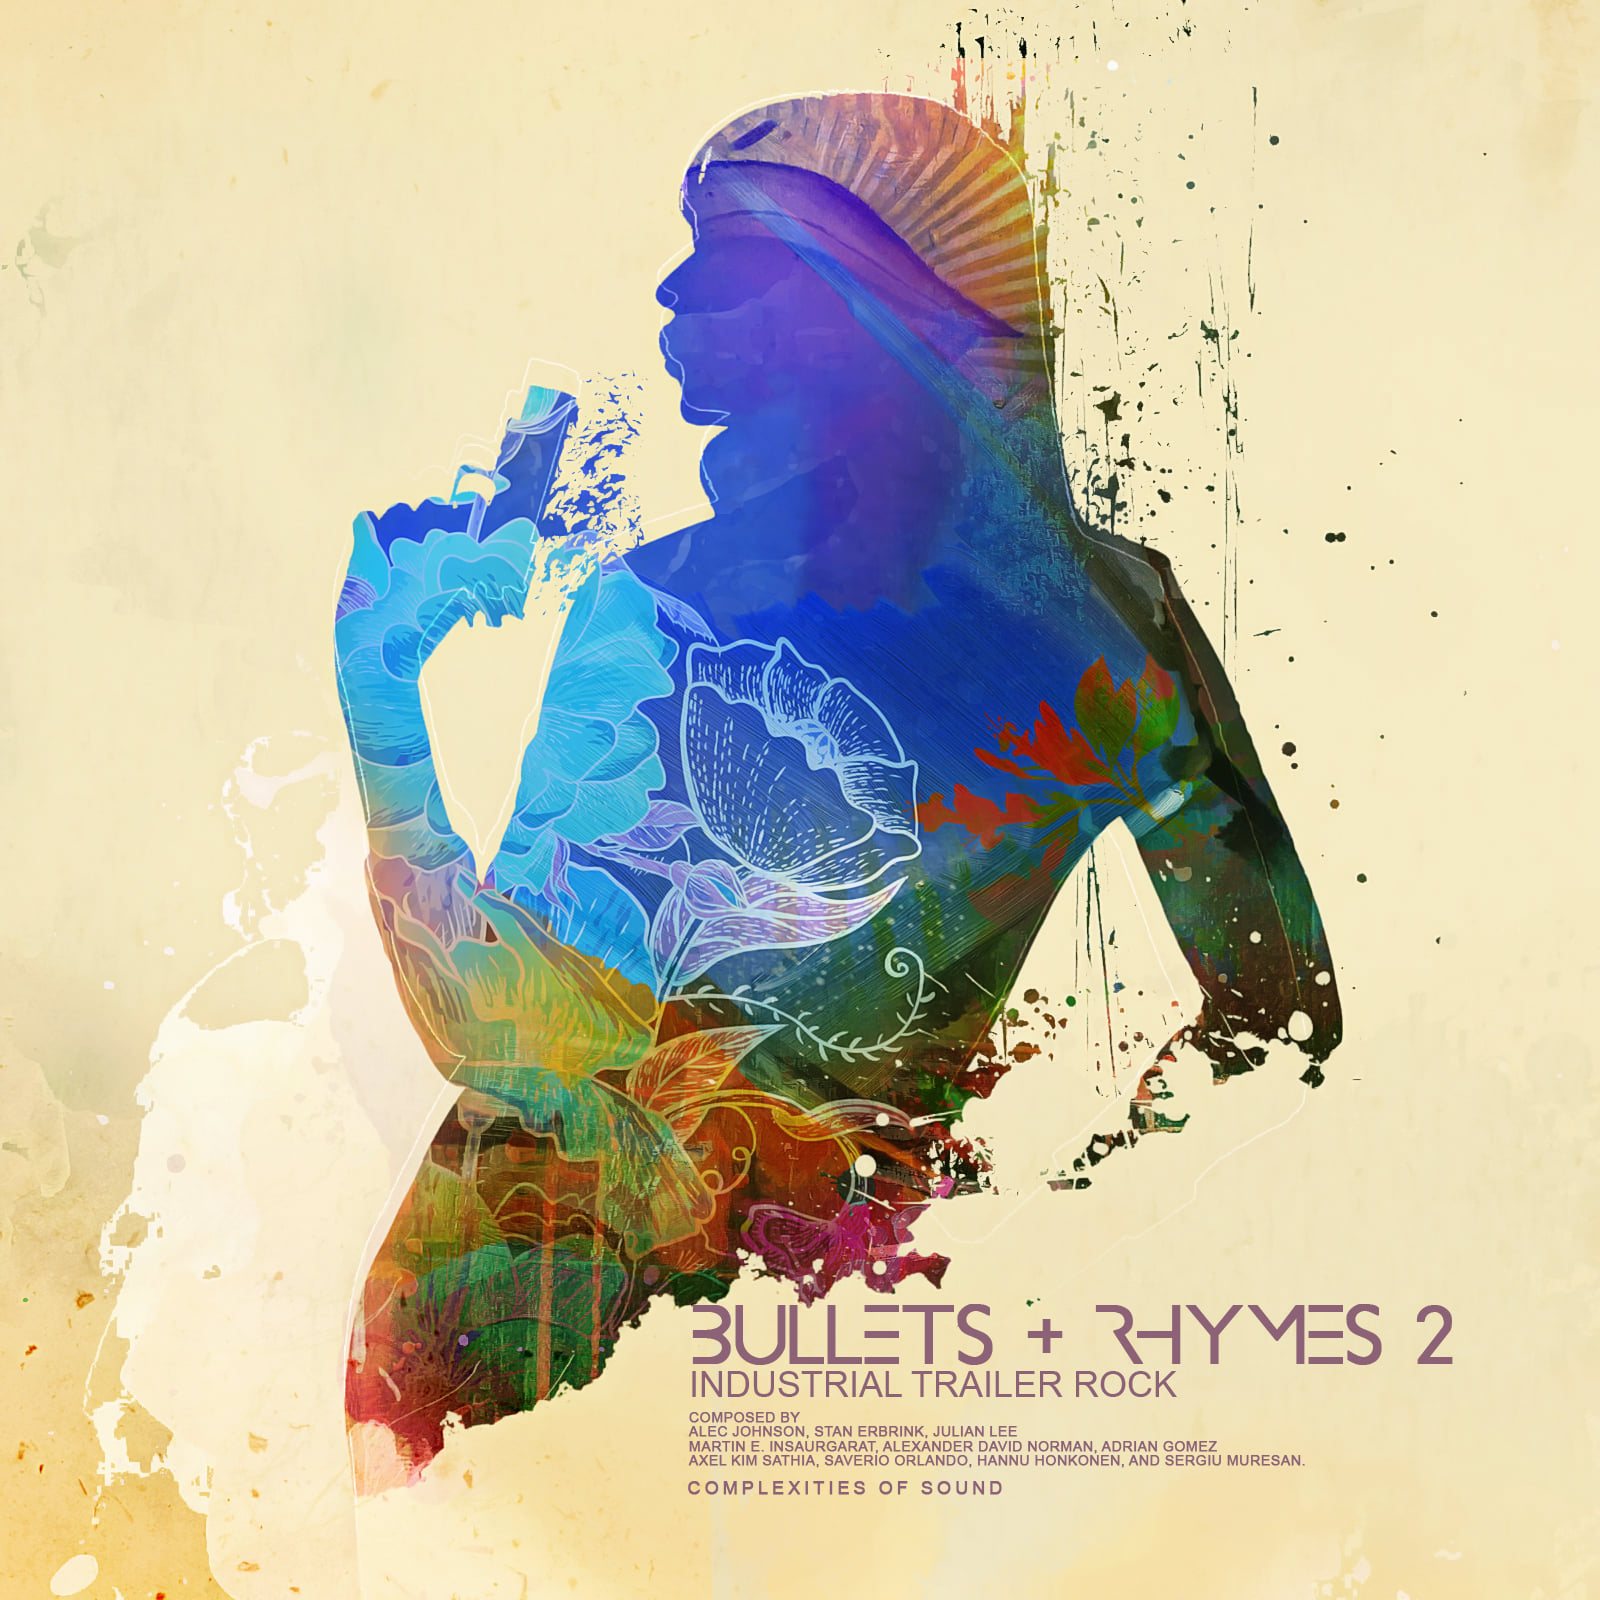 Bullets + Rhymes 2